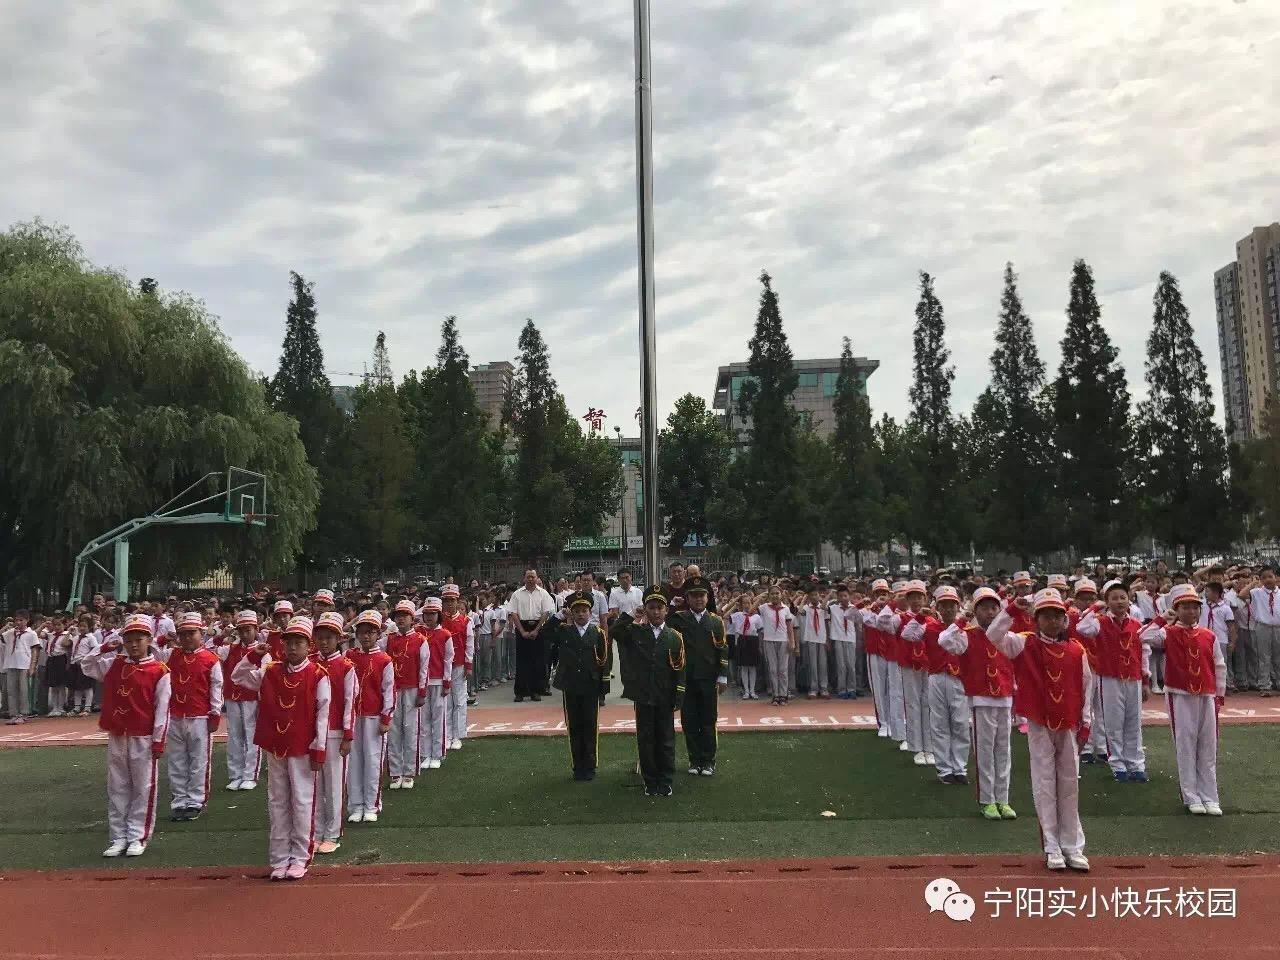 宁阳实验小学向国旗敬礼升旗仪式宣誓